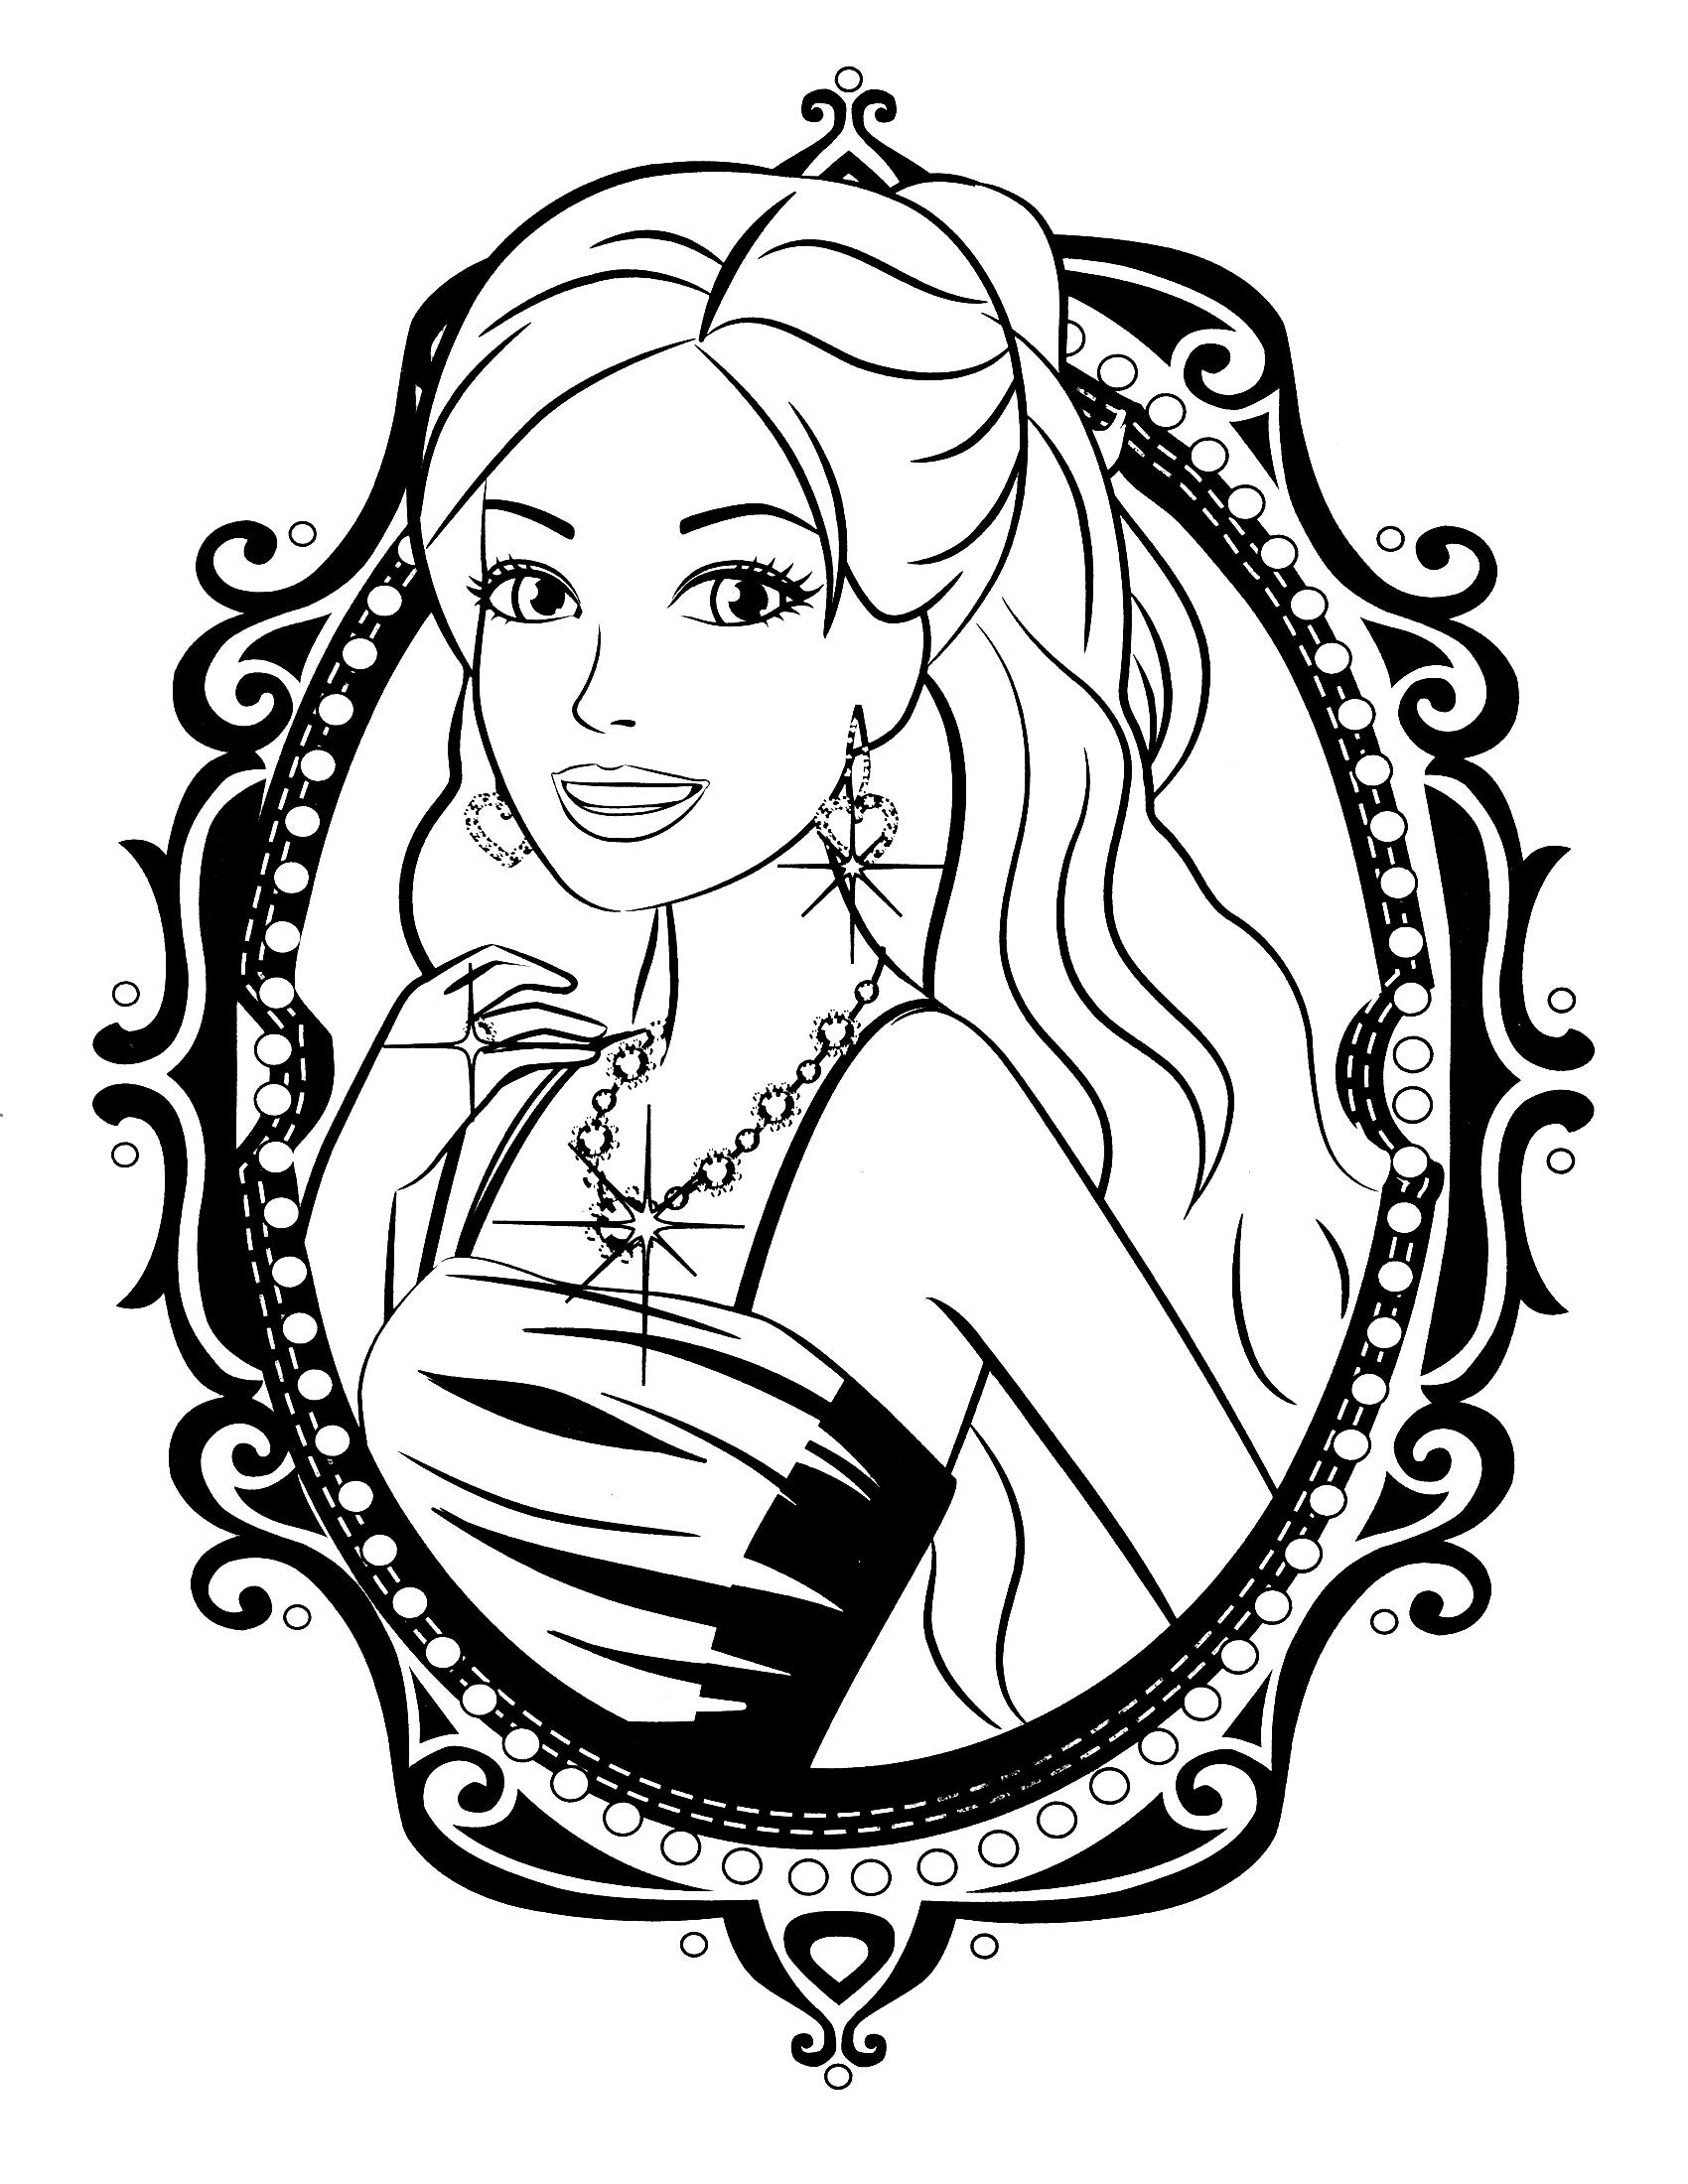 Раскраска Картина с Барби распечатать или скачать бесплатно